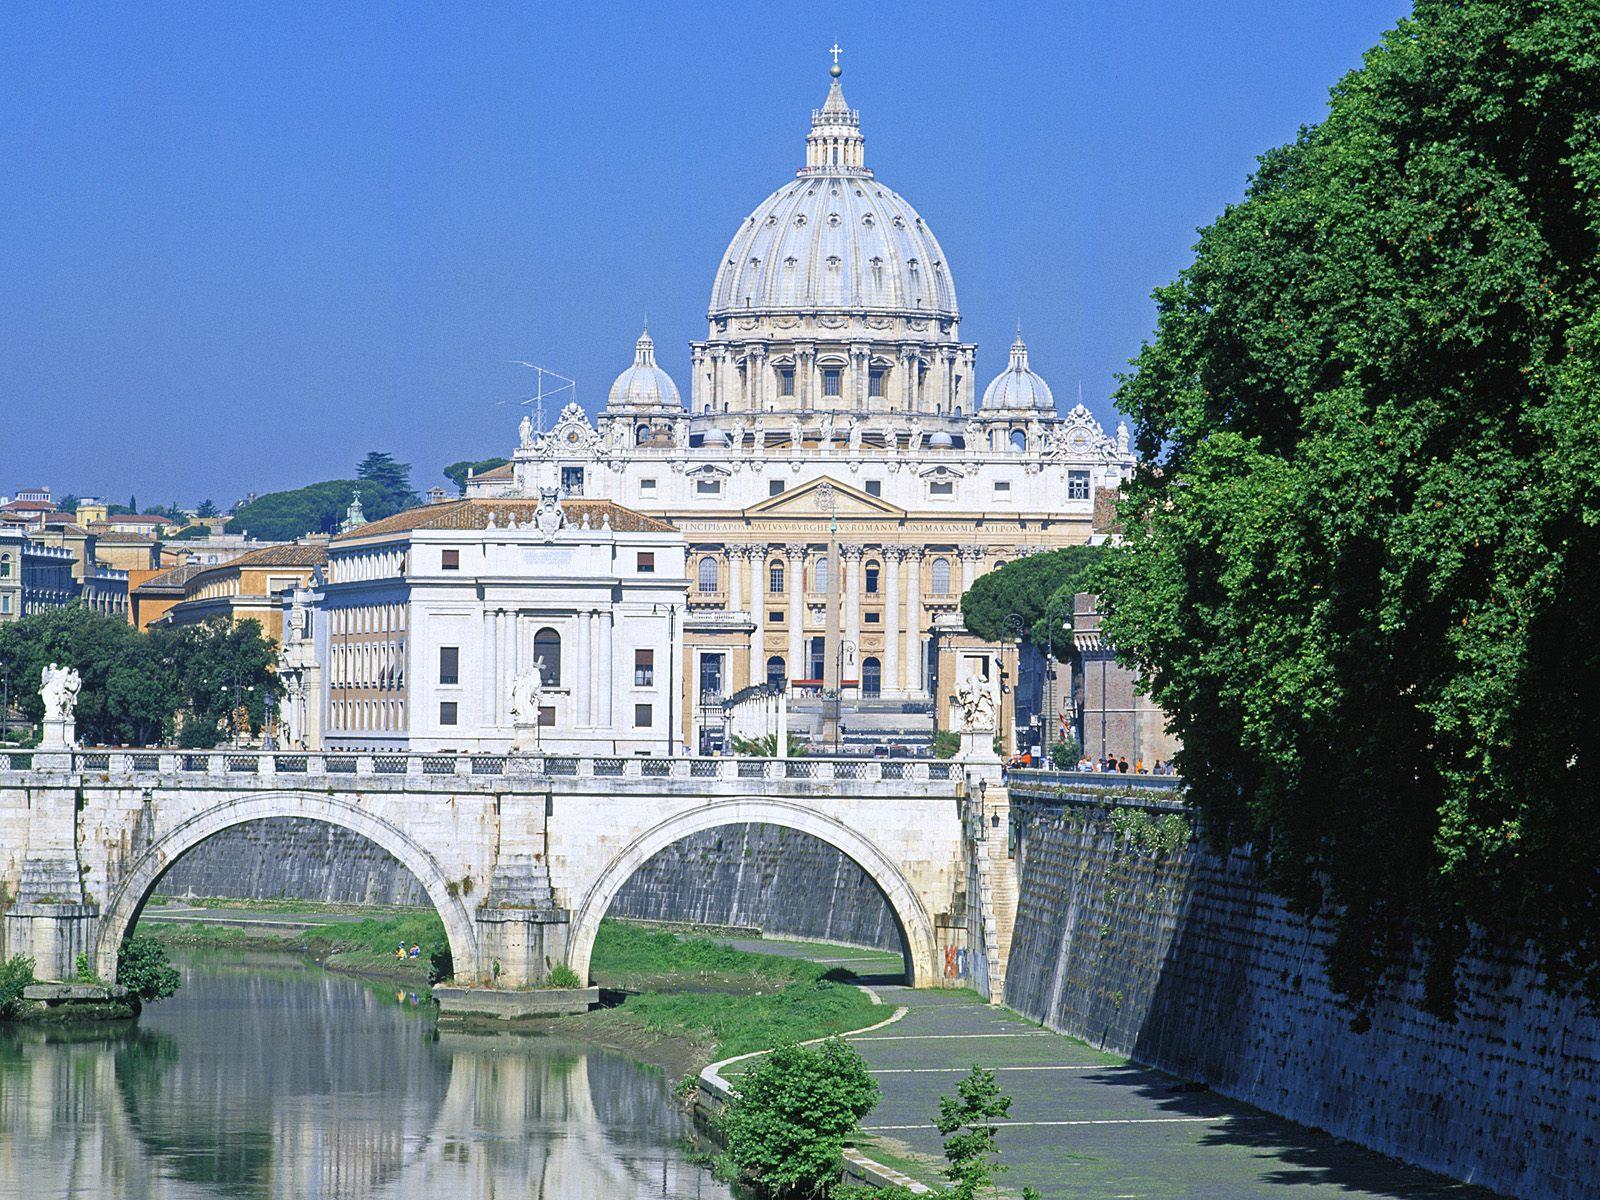 http://2.bp.blogspot.com/-RLHJaLNo8dU/Tcp4nfOh3UI/AAAAAAAACX4/jfYHjmrK8x8/s1600/St.+Peter%2527s+Basilica%252C+Rome%252C+Italy.jpg